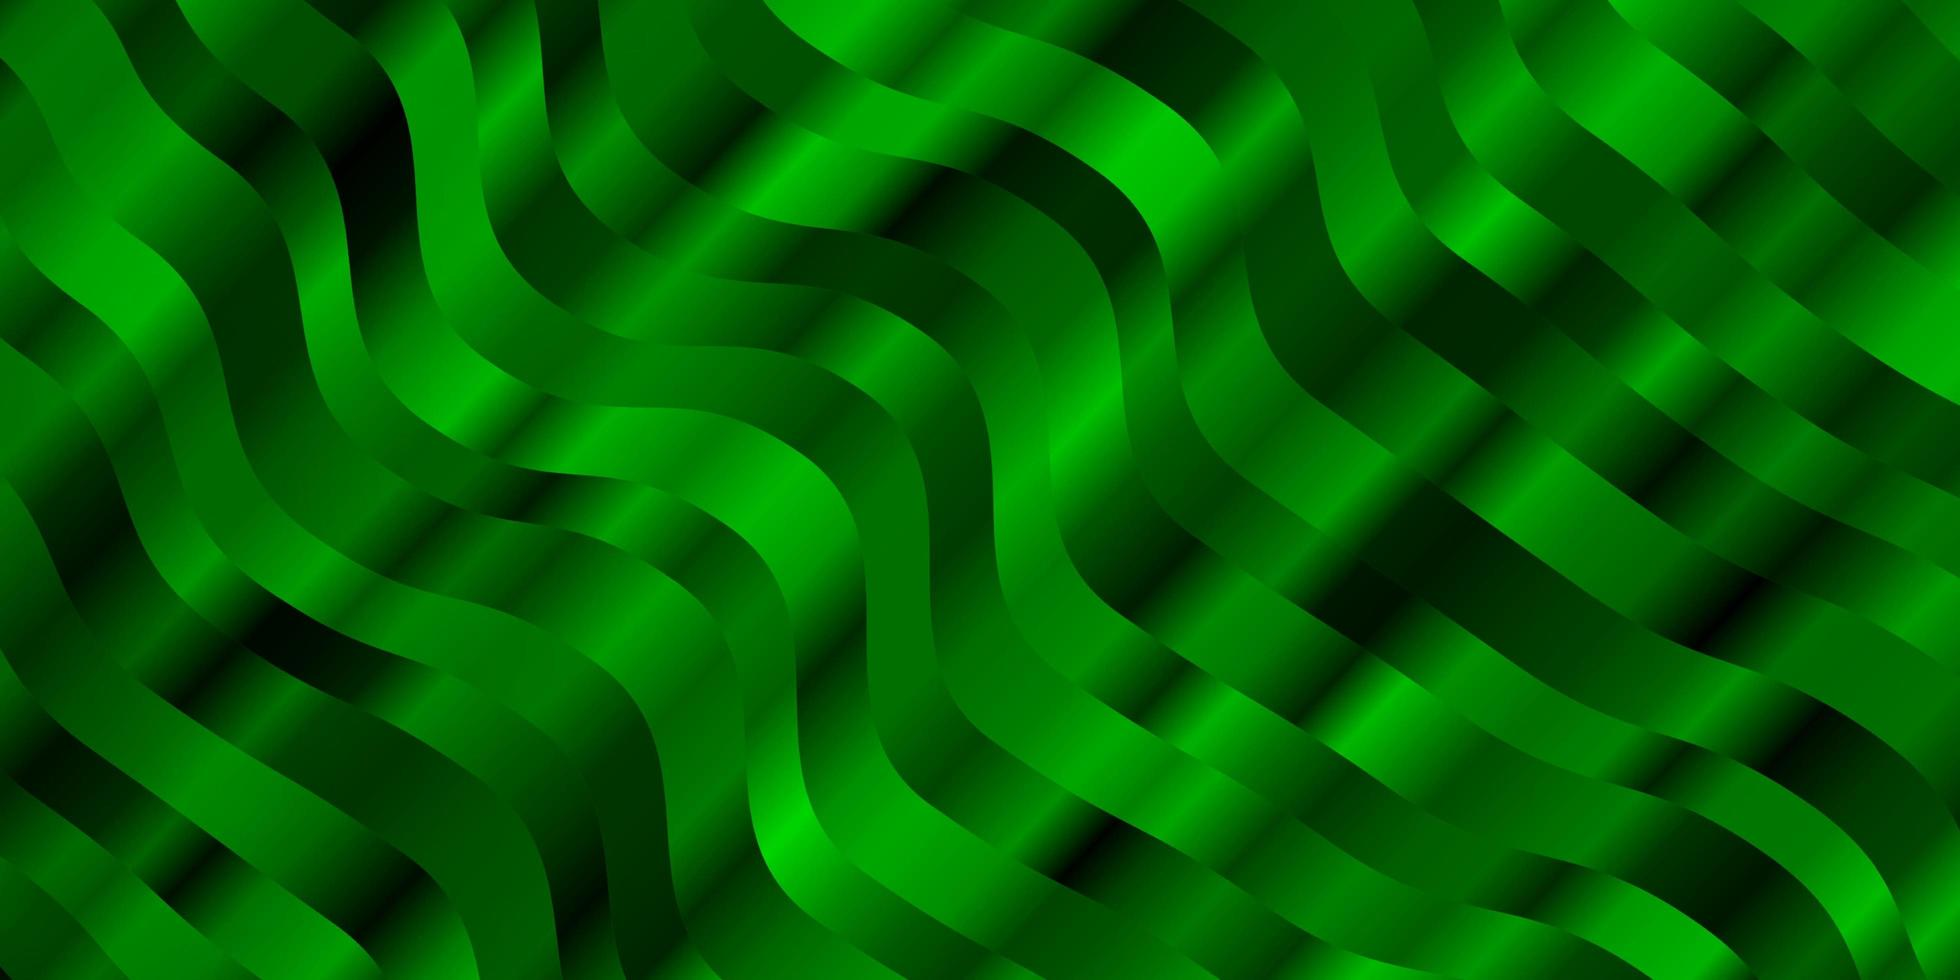 padrão verde com curvas. vetor